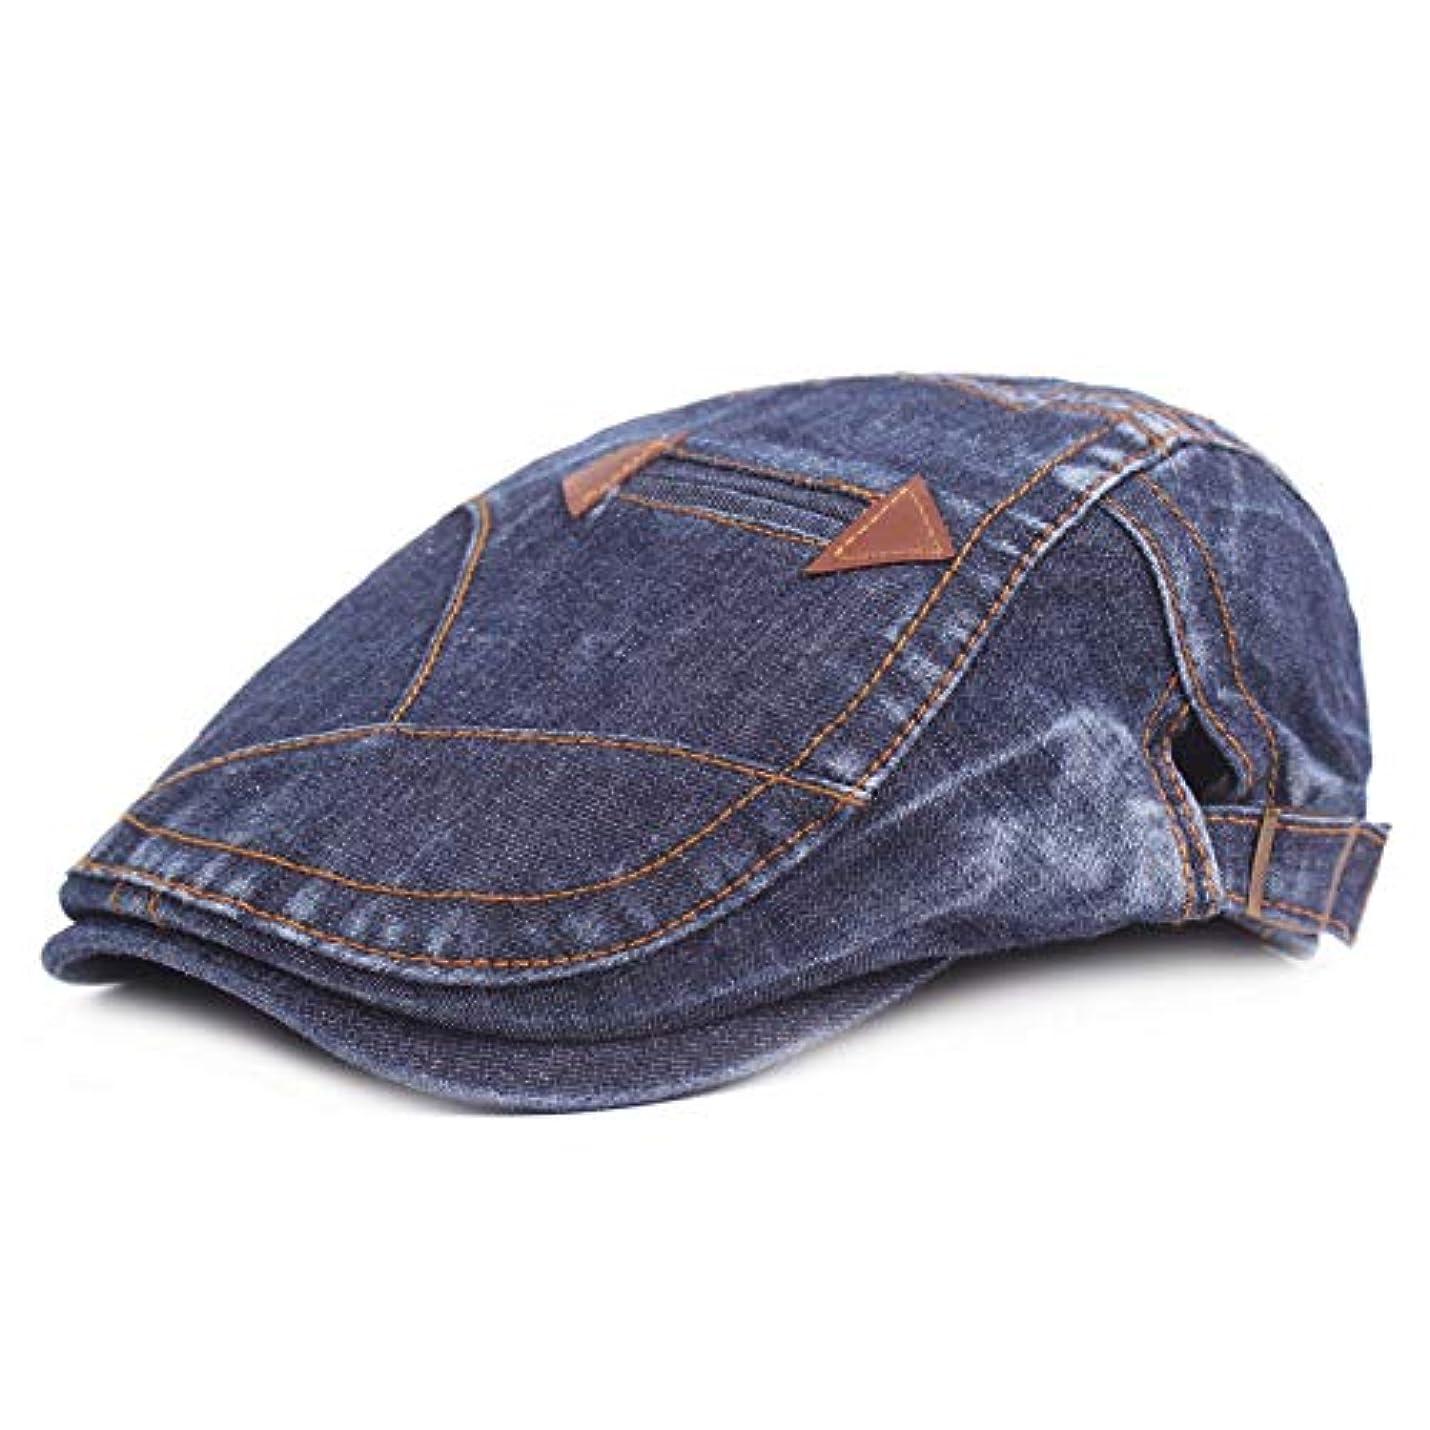 寄り添うビジュアル豪華なベレー帽 ユニセックス おしゃれ 綿 ハンチング帽子 紫外線対策調節可能 日よけ 帽子